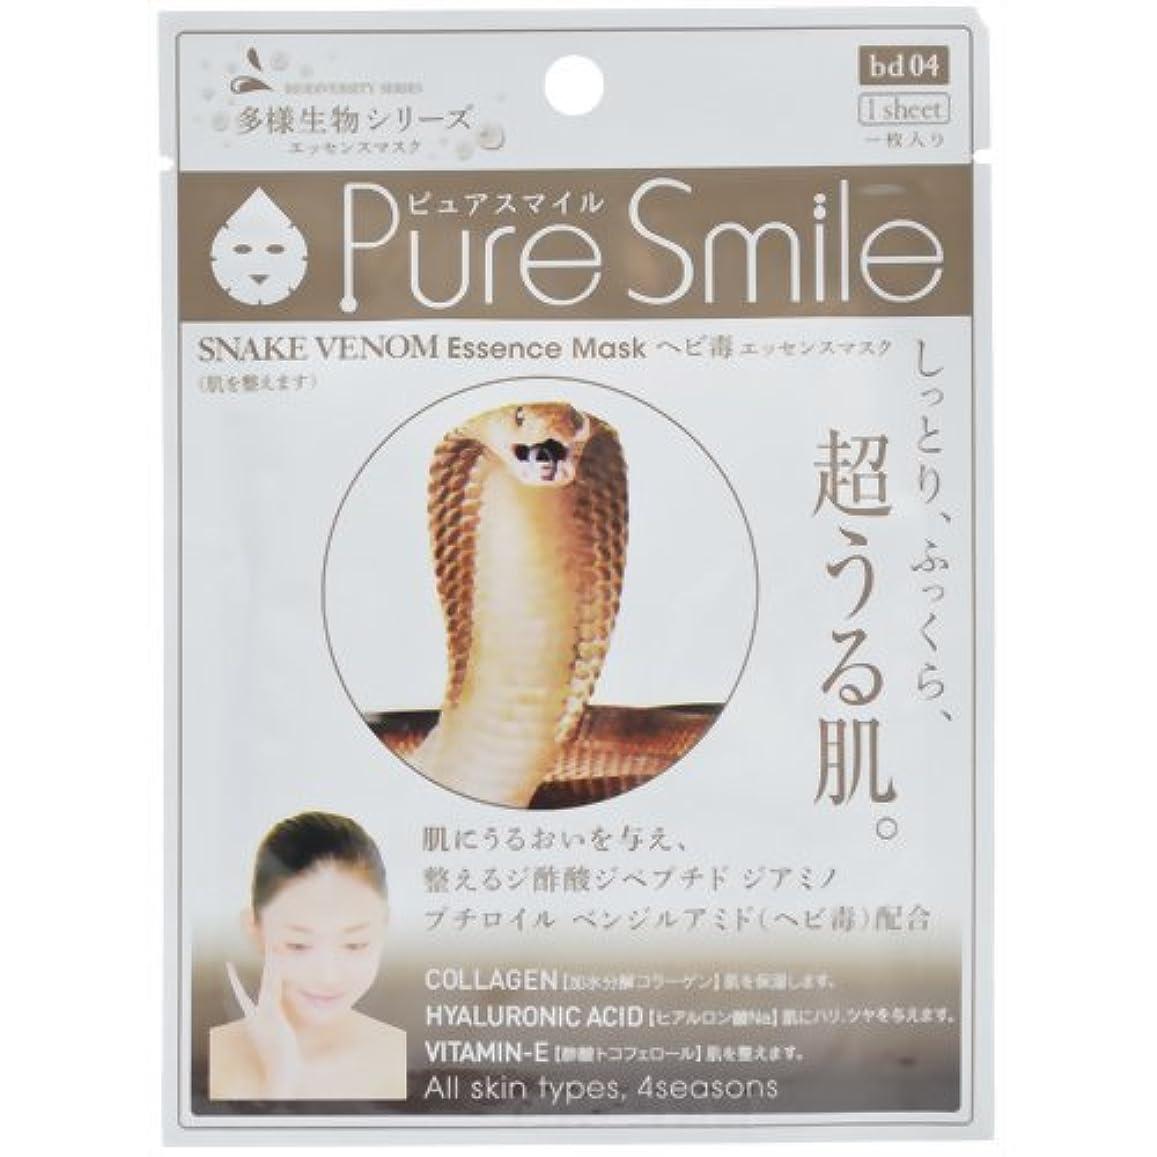 恒久的マウンド合成【サンスマイル】エッセンスマスク ヘビ毒 1枚 ×10個セット